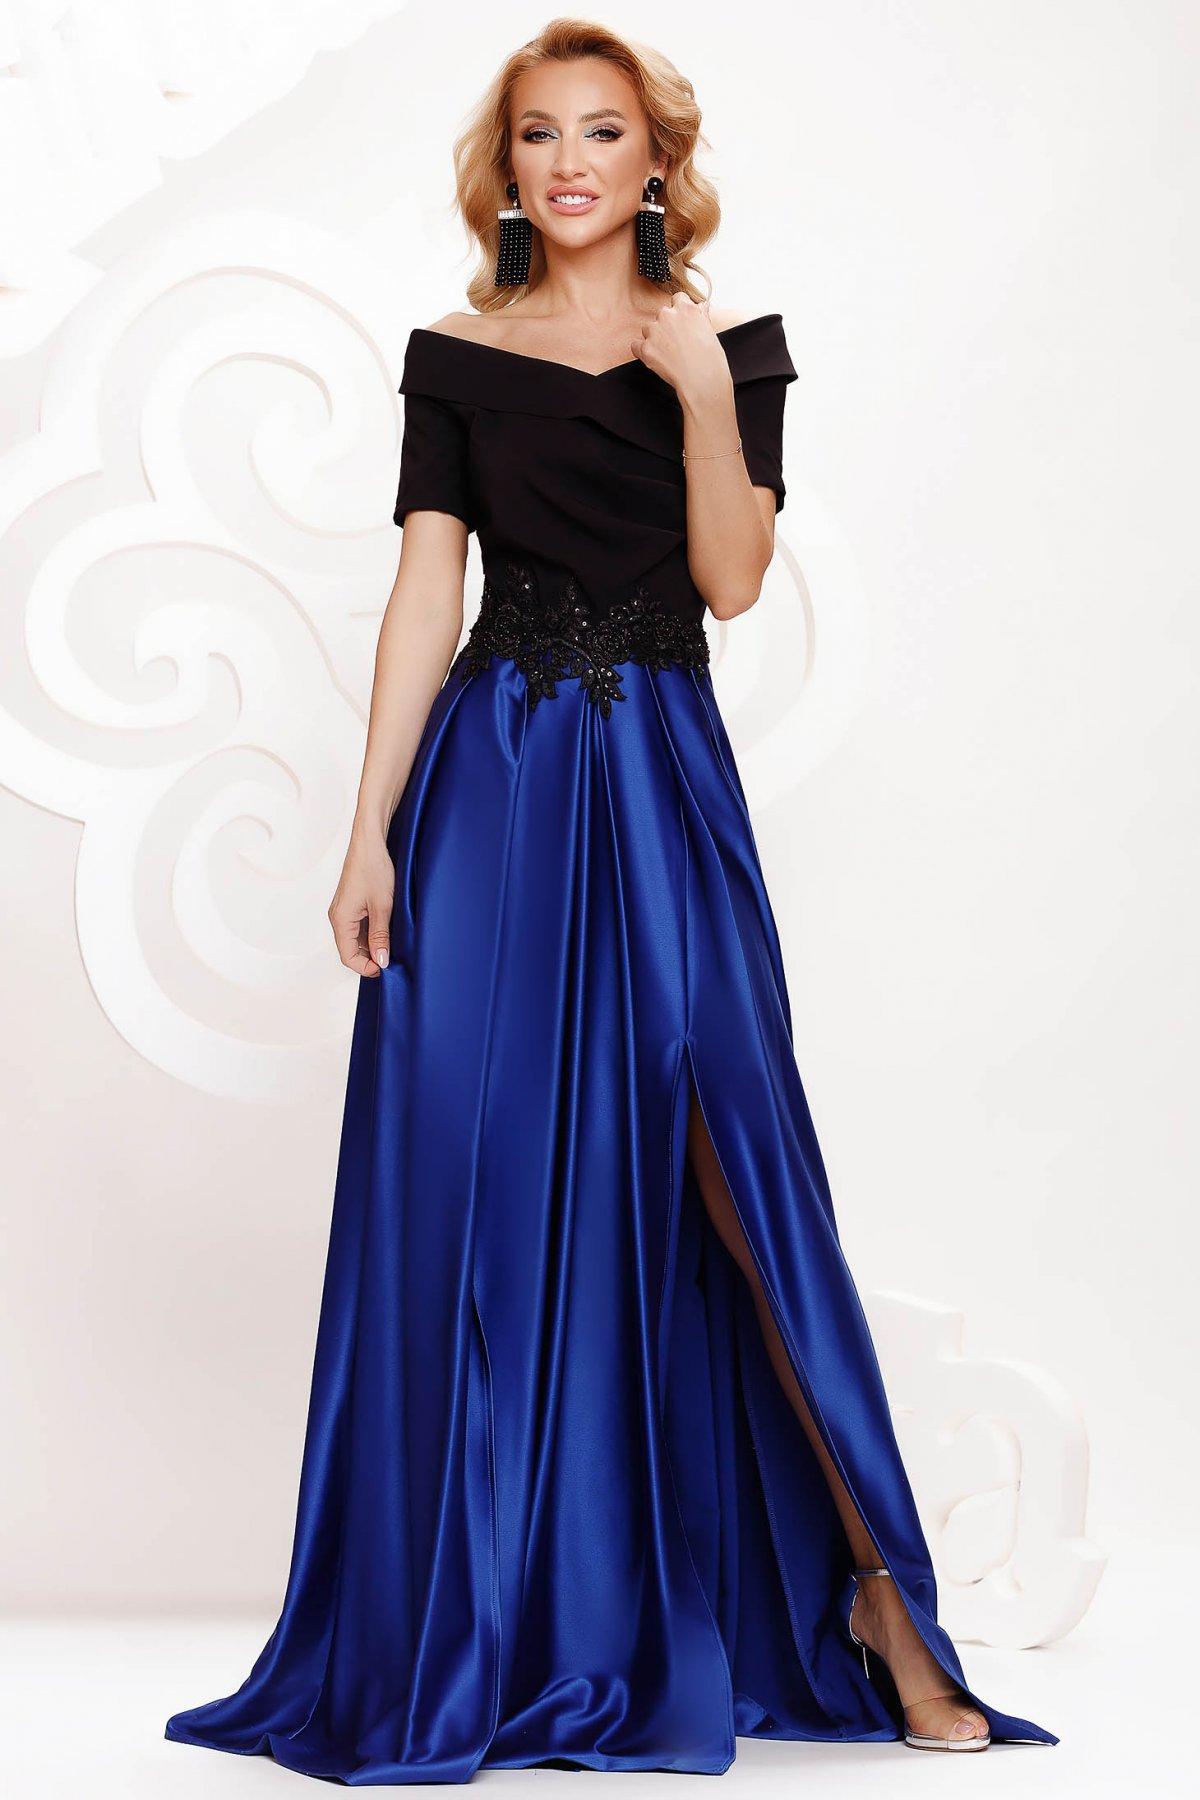 Rochie albastra din satin de ocazie in clos crapata pe picior pe umeri accesorizata cu pietre stras